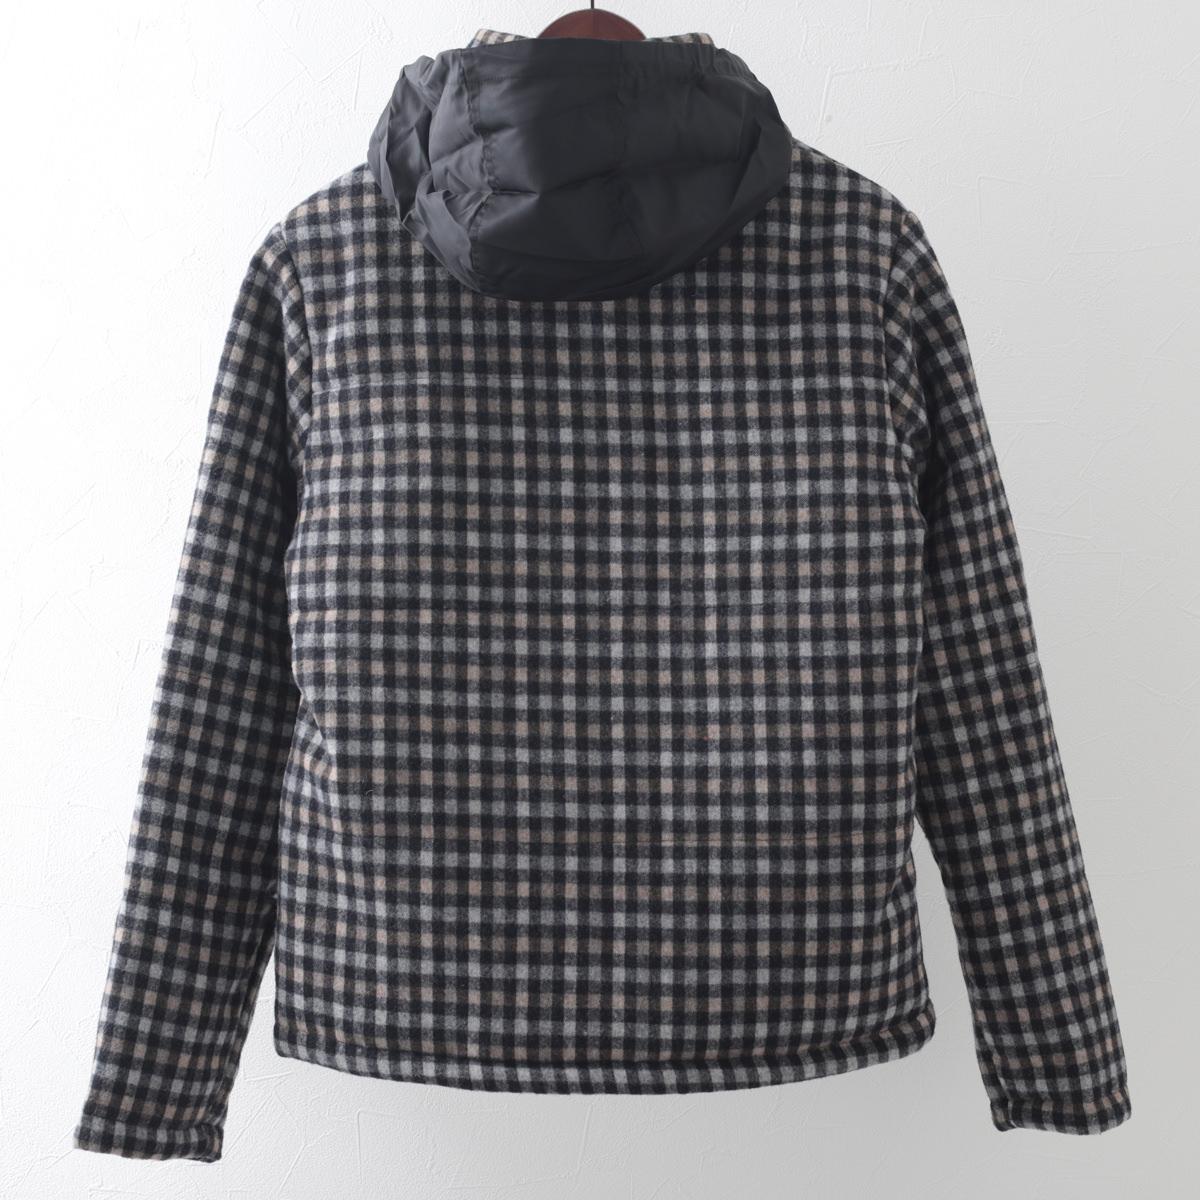 メルクロンドン メンズ チェック ウール ダウン ジャケット Merc London ウールコート モッズファッション プレゼント ギフト